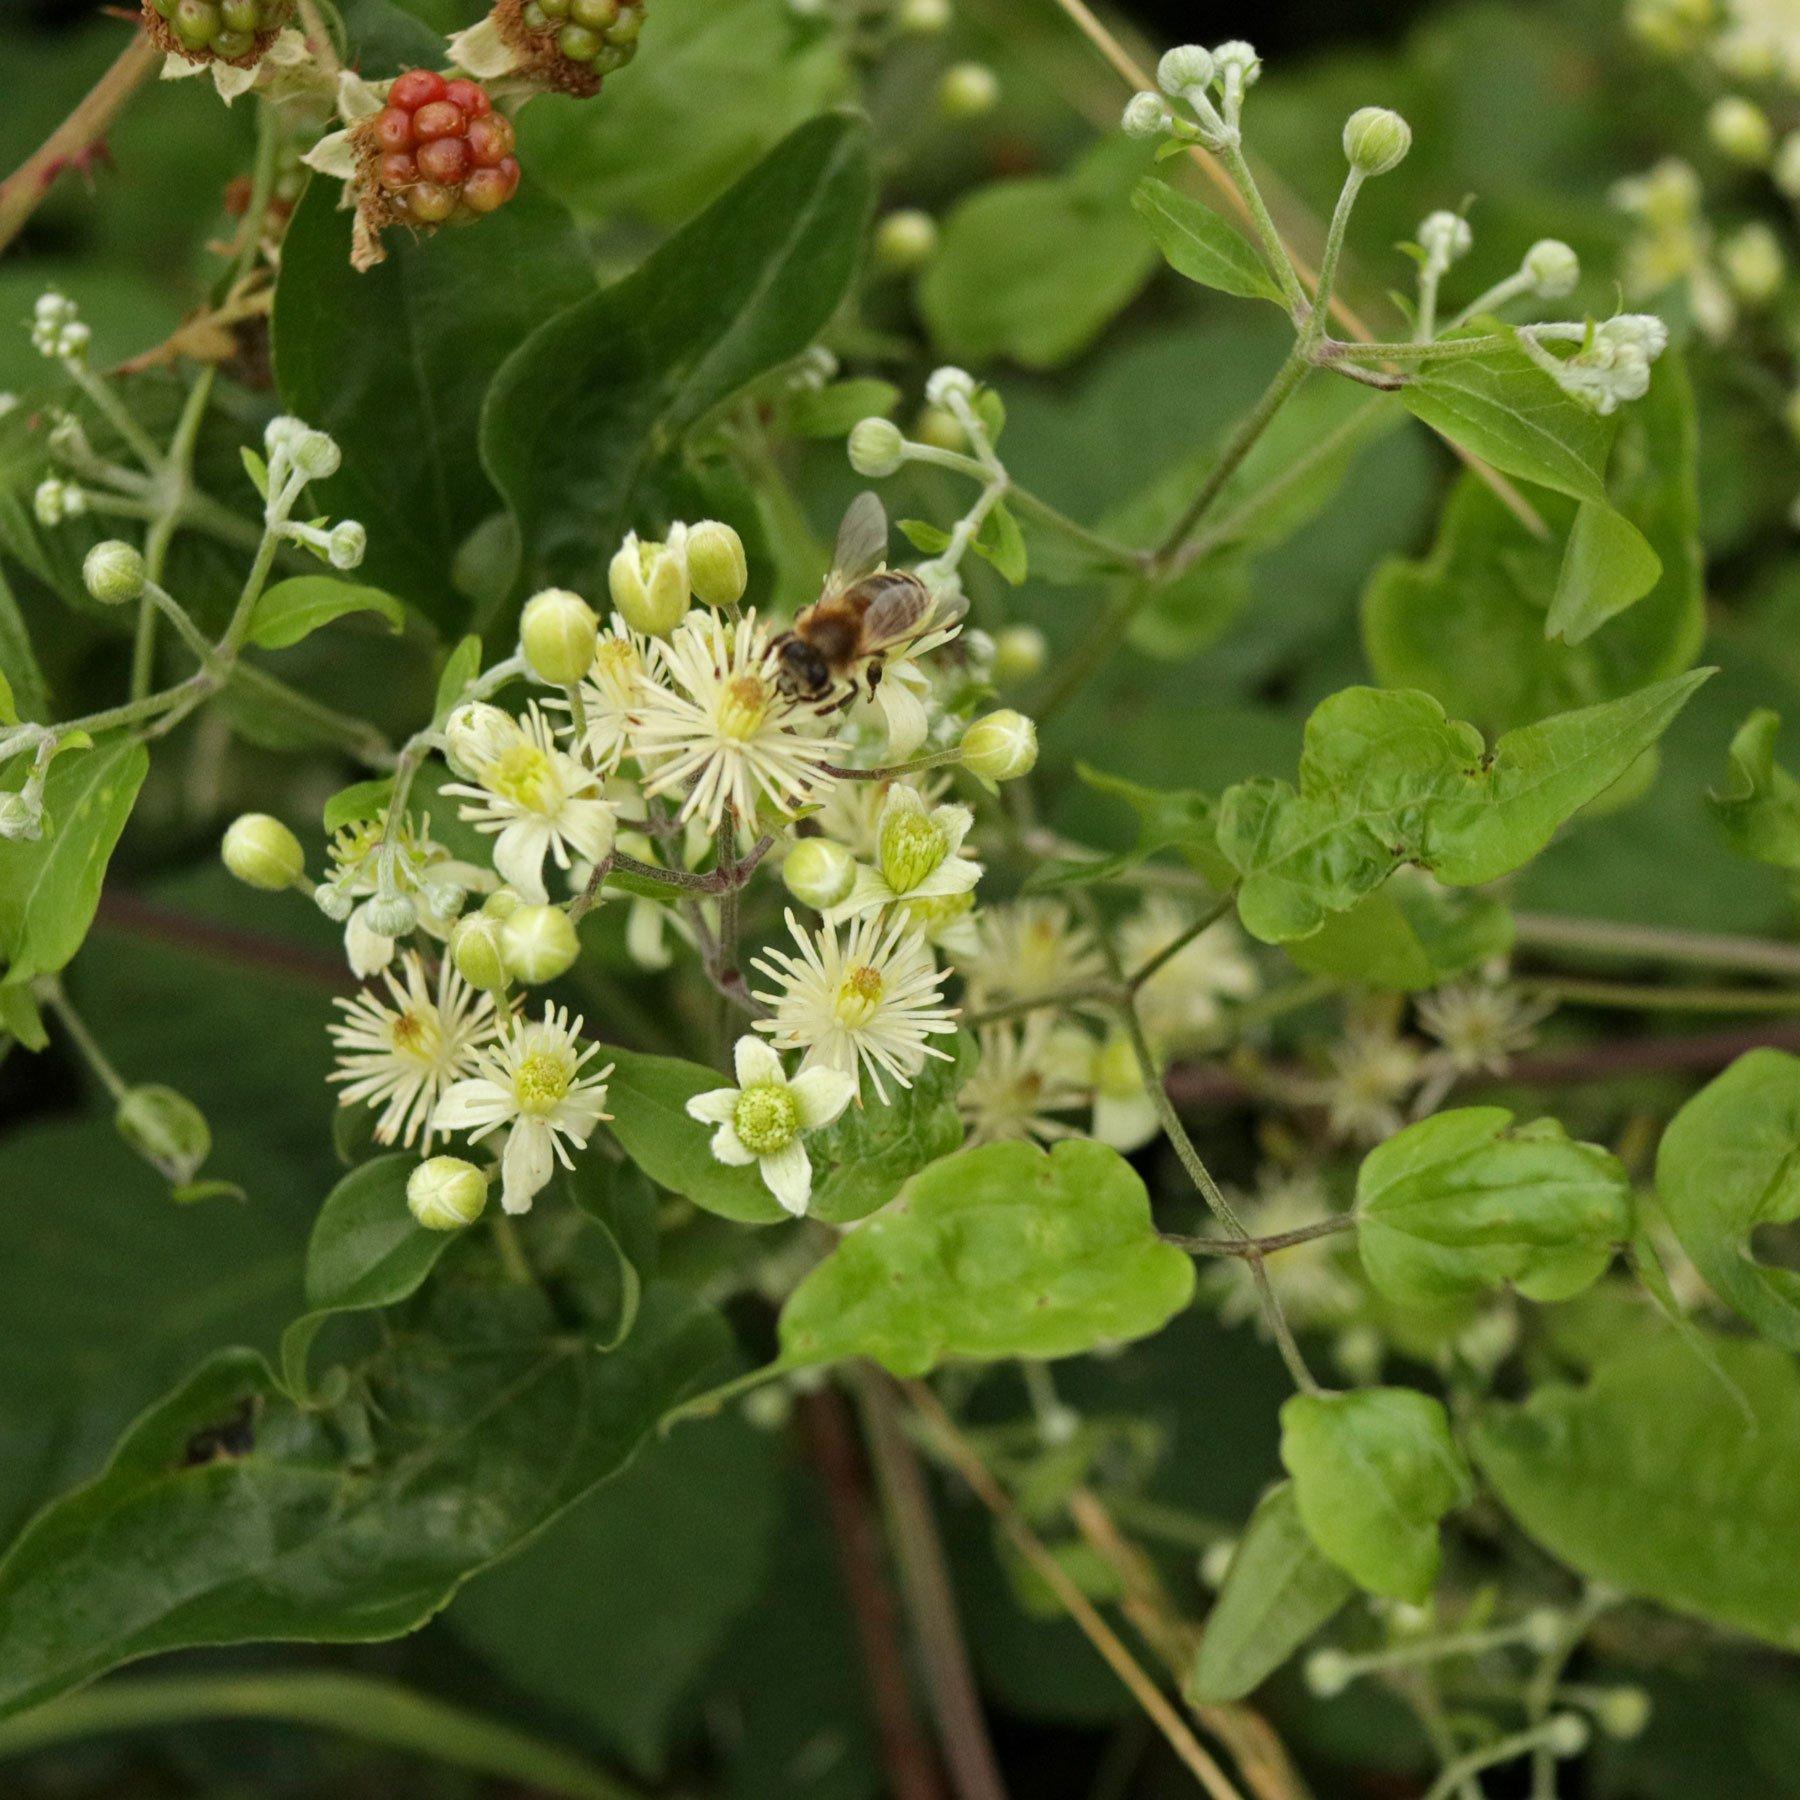 Honigbiene auf Clematis